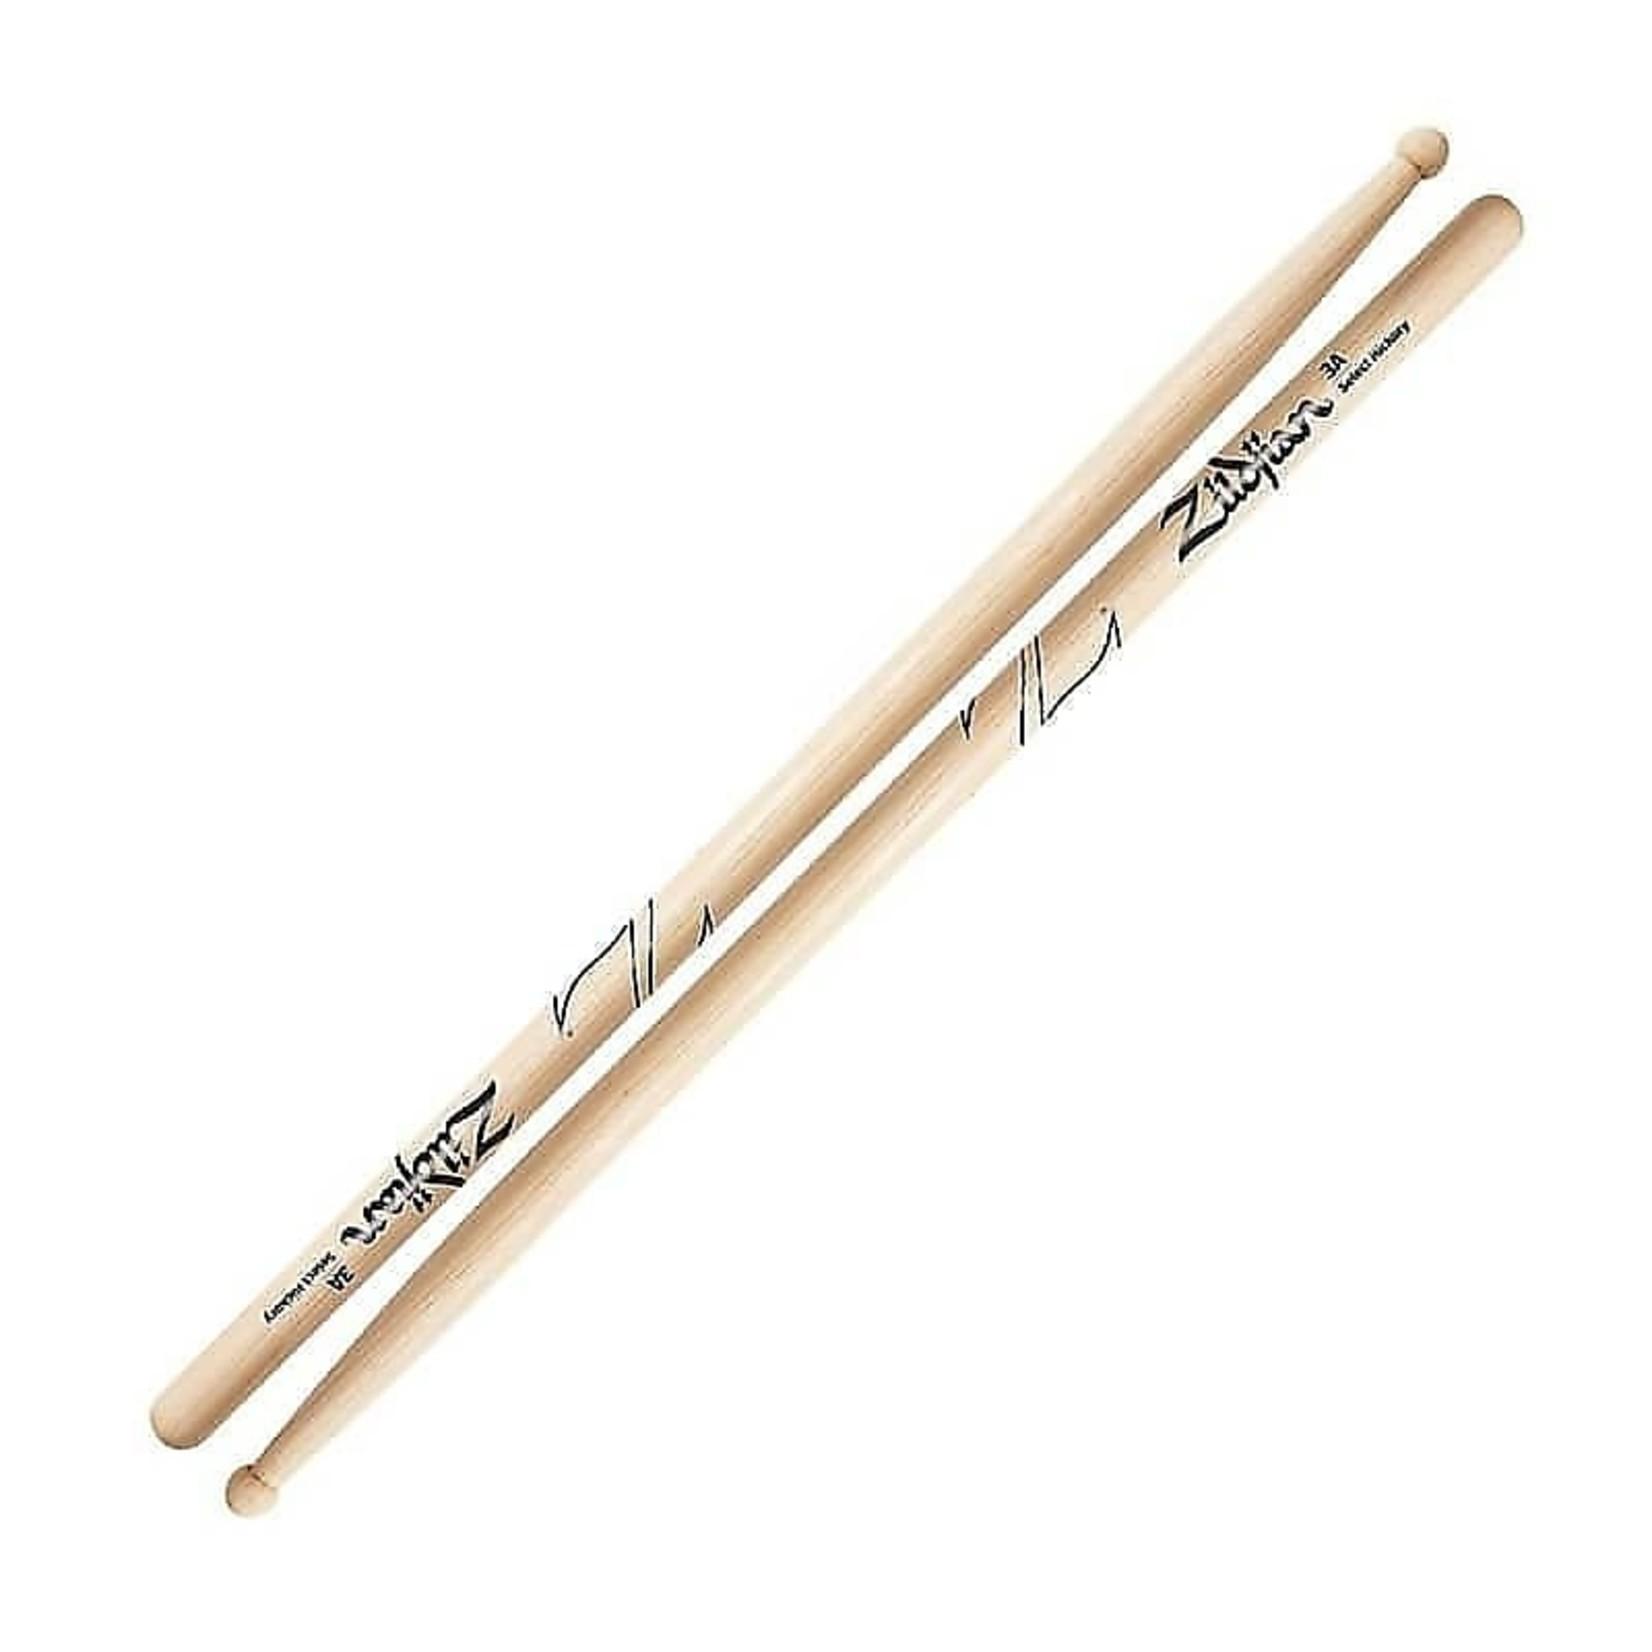 Zildjian Zildjian 3A Drumsticks